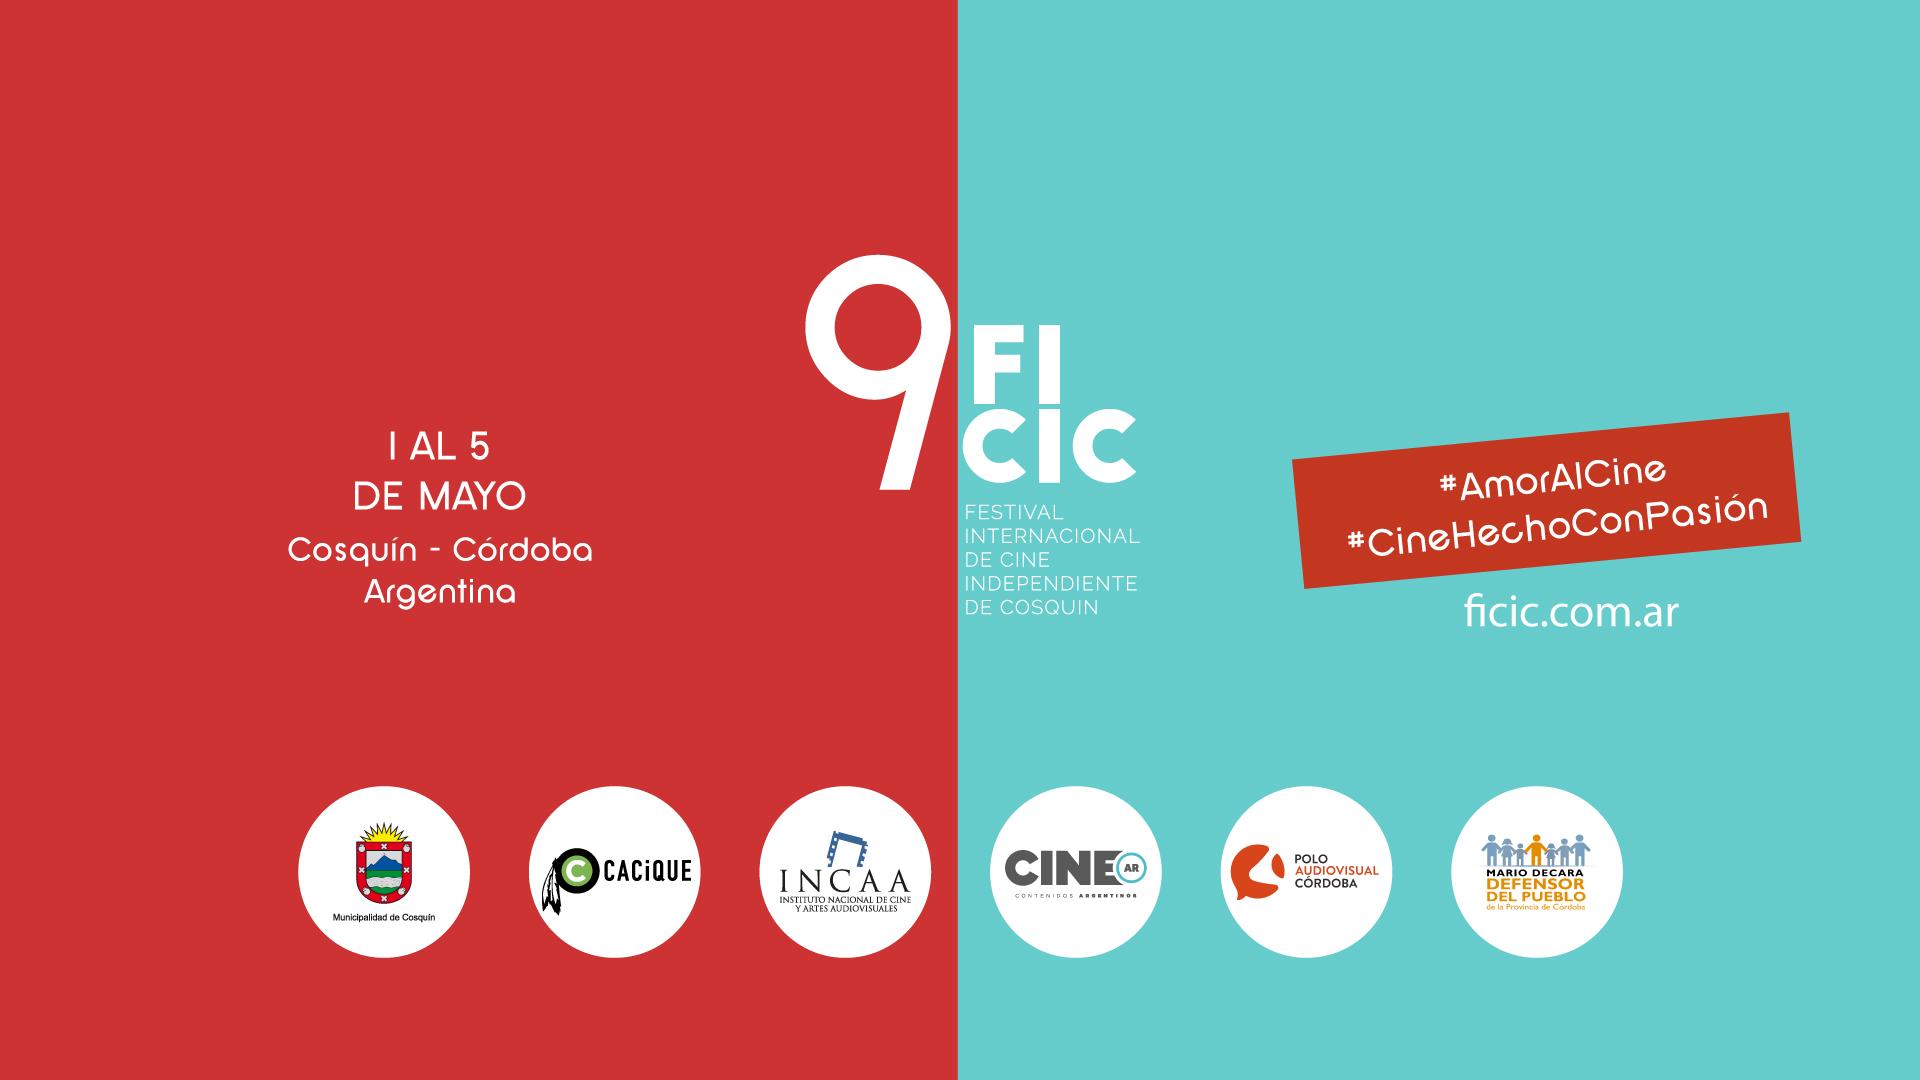 Se anunció la programación del 9º Festival de Cine Independiente de Cosquín FICIC